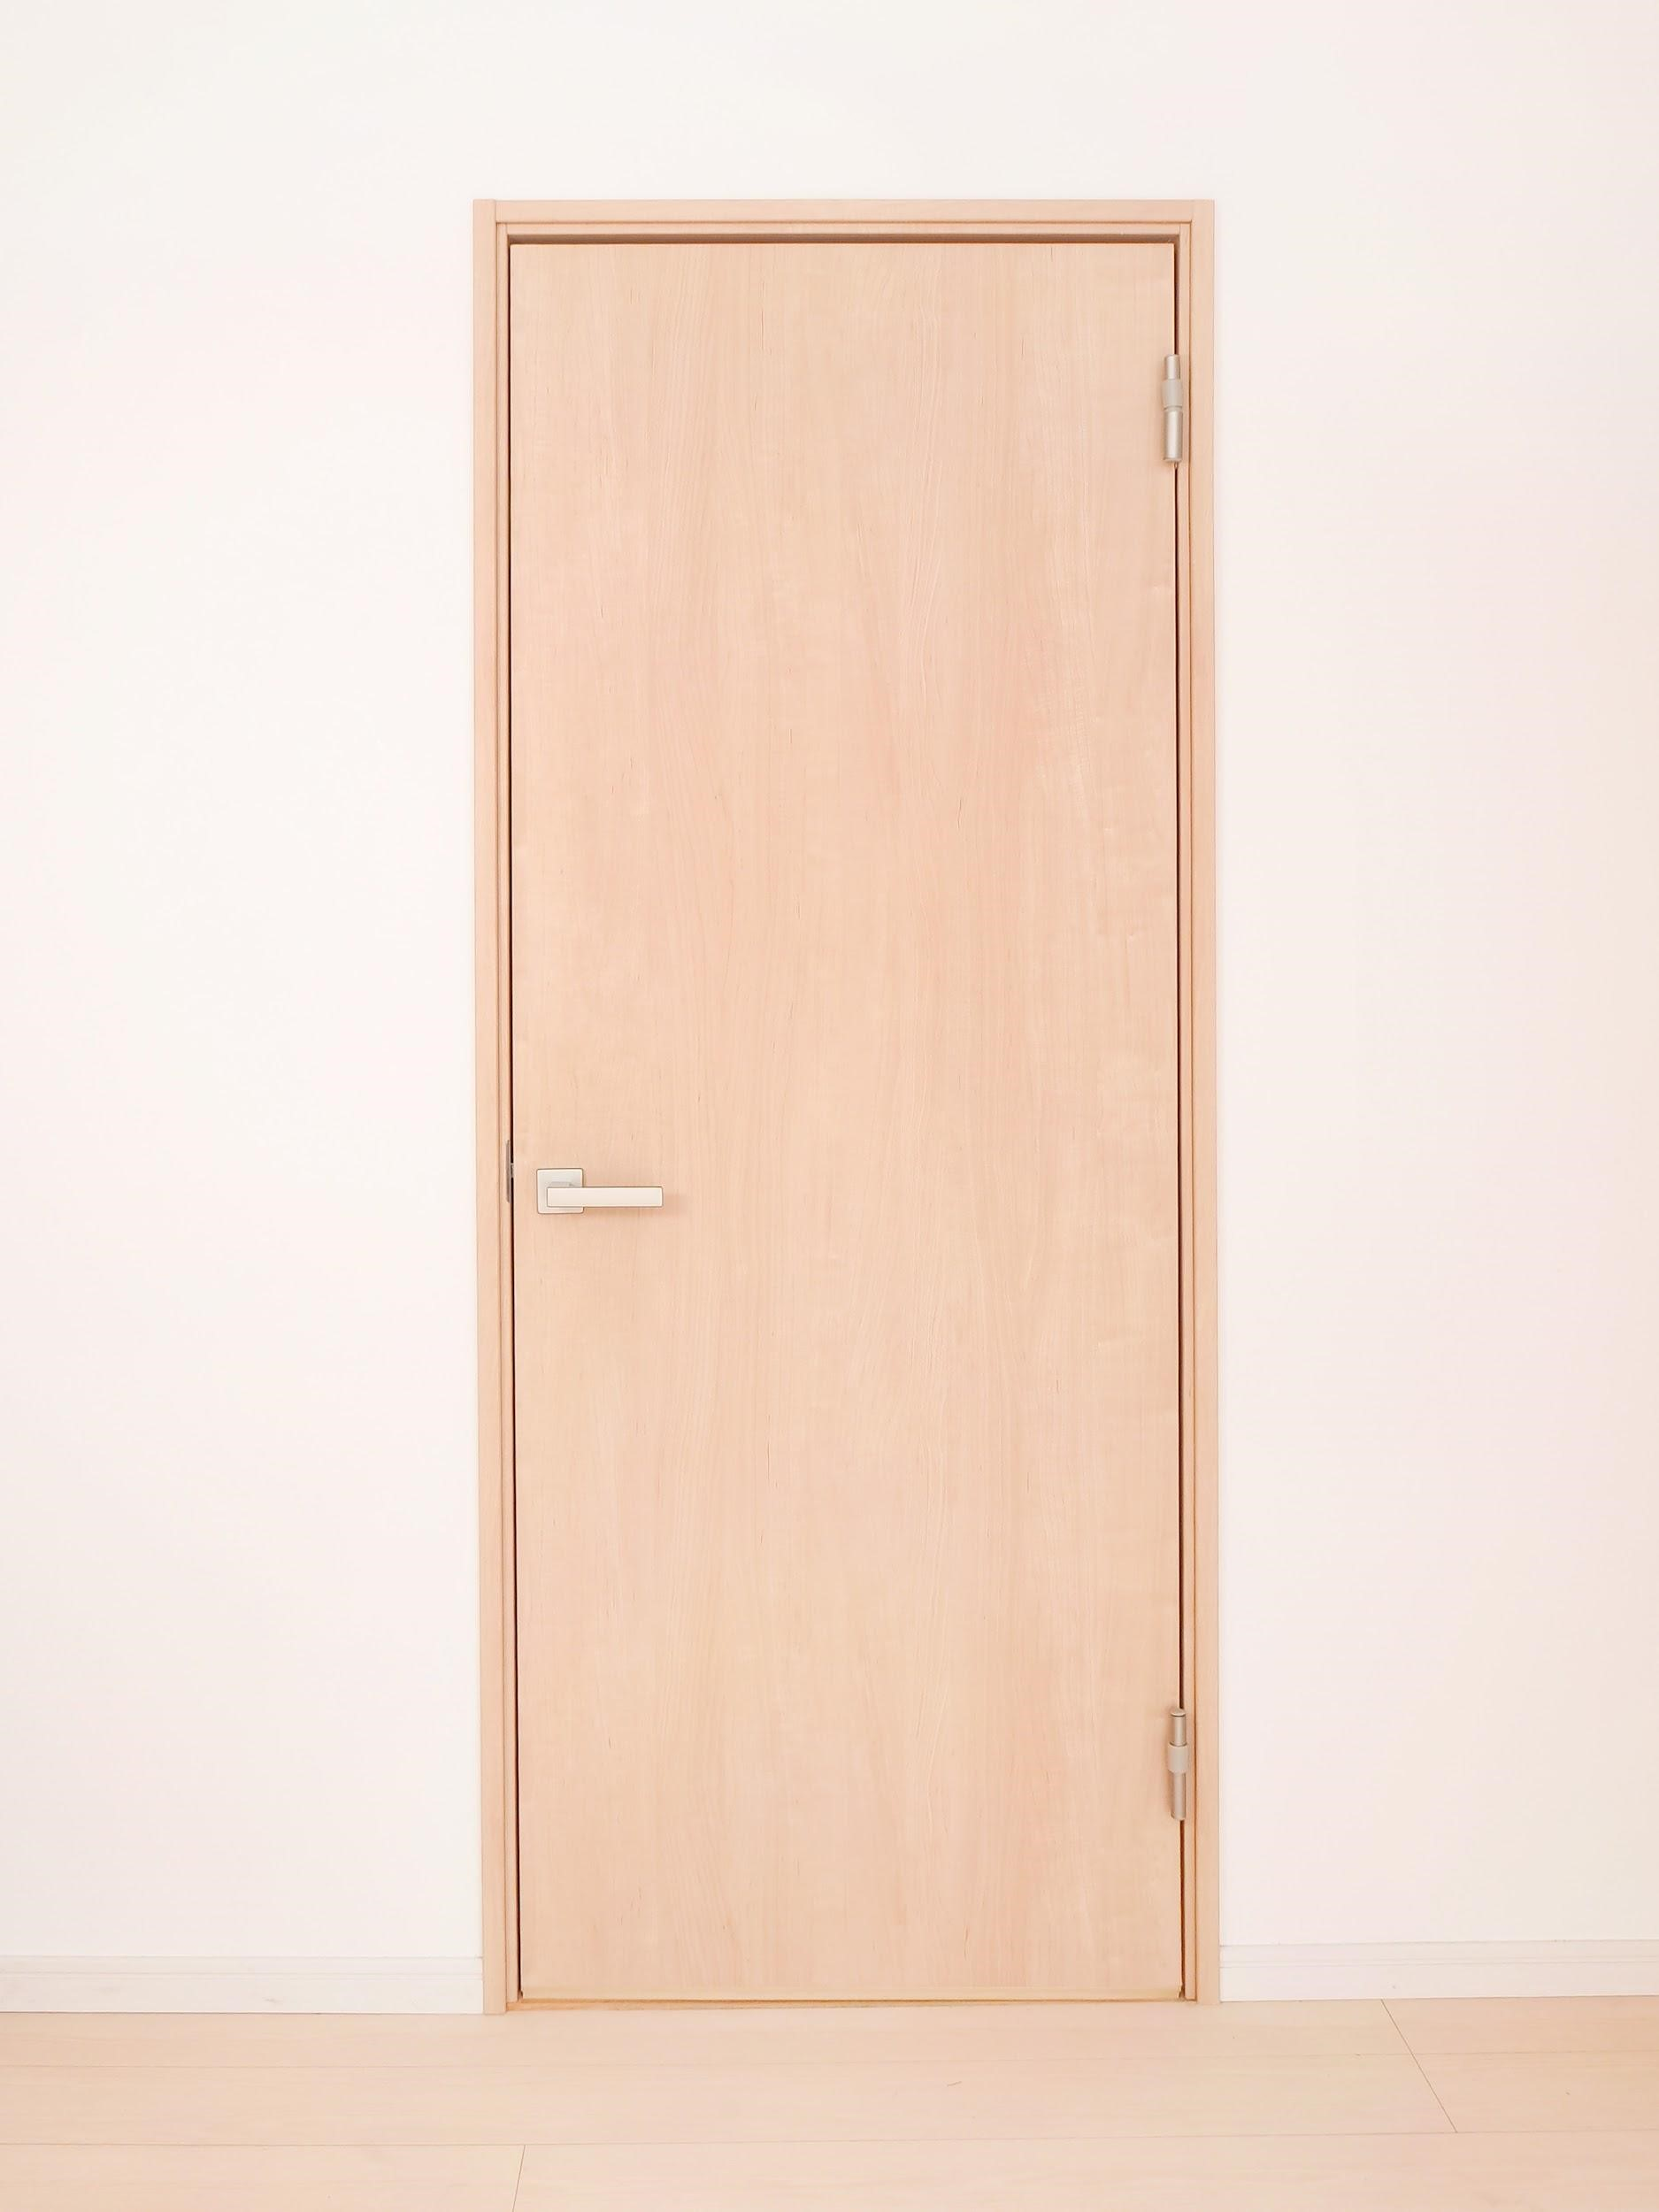 まず室内ドアの素材を確認